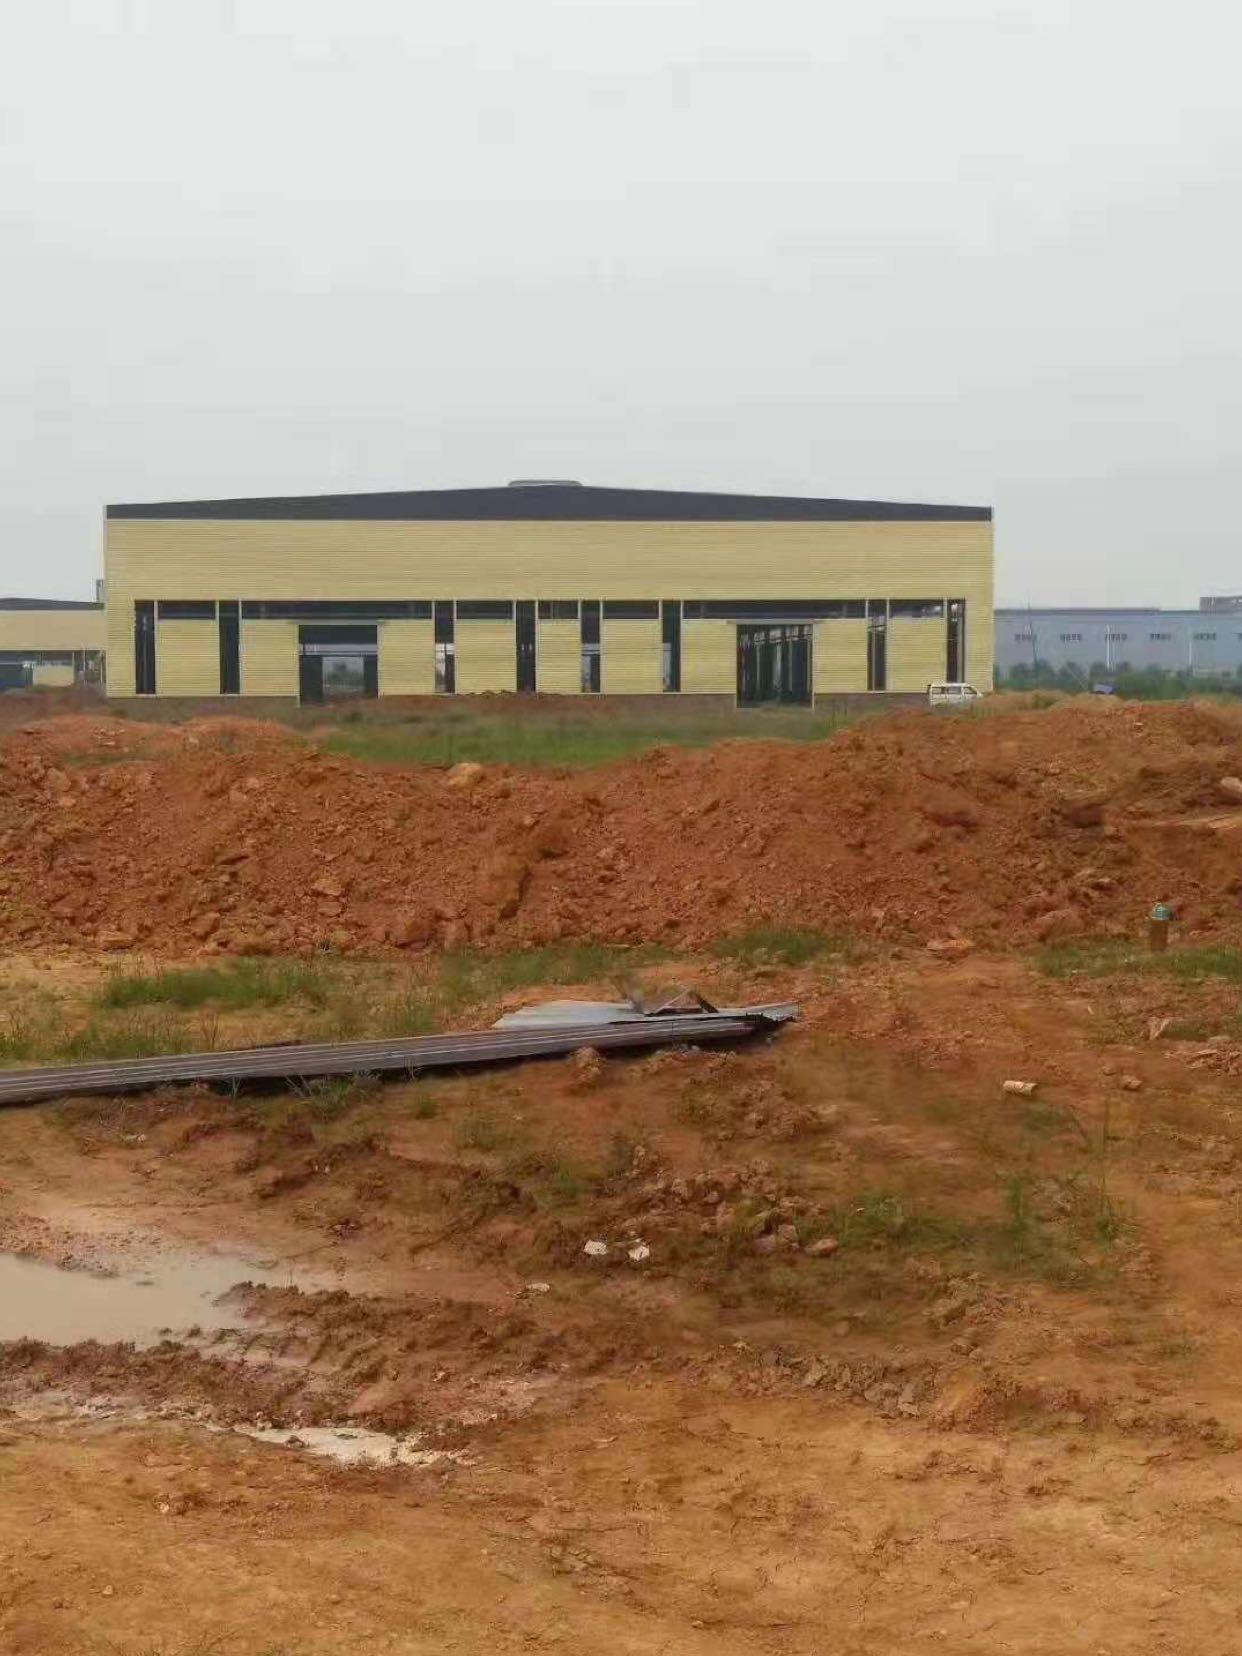 丹棱创新产业园出售,项目没有强制税收要求,可以办理入园、环评